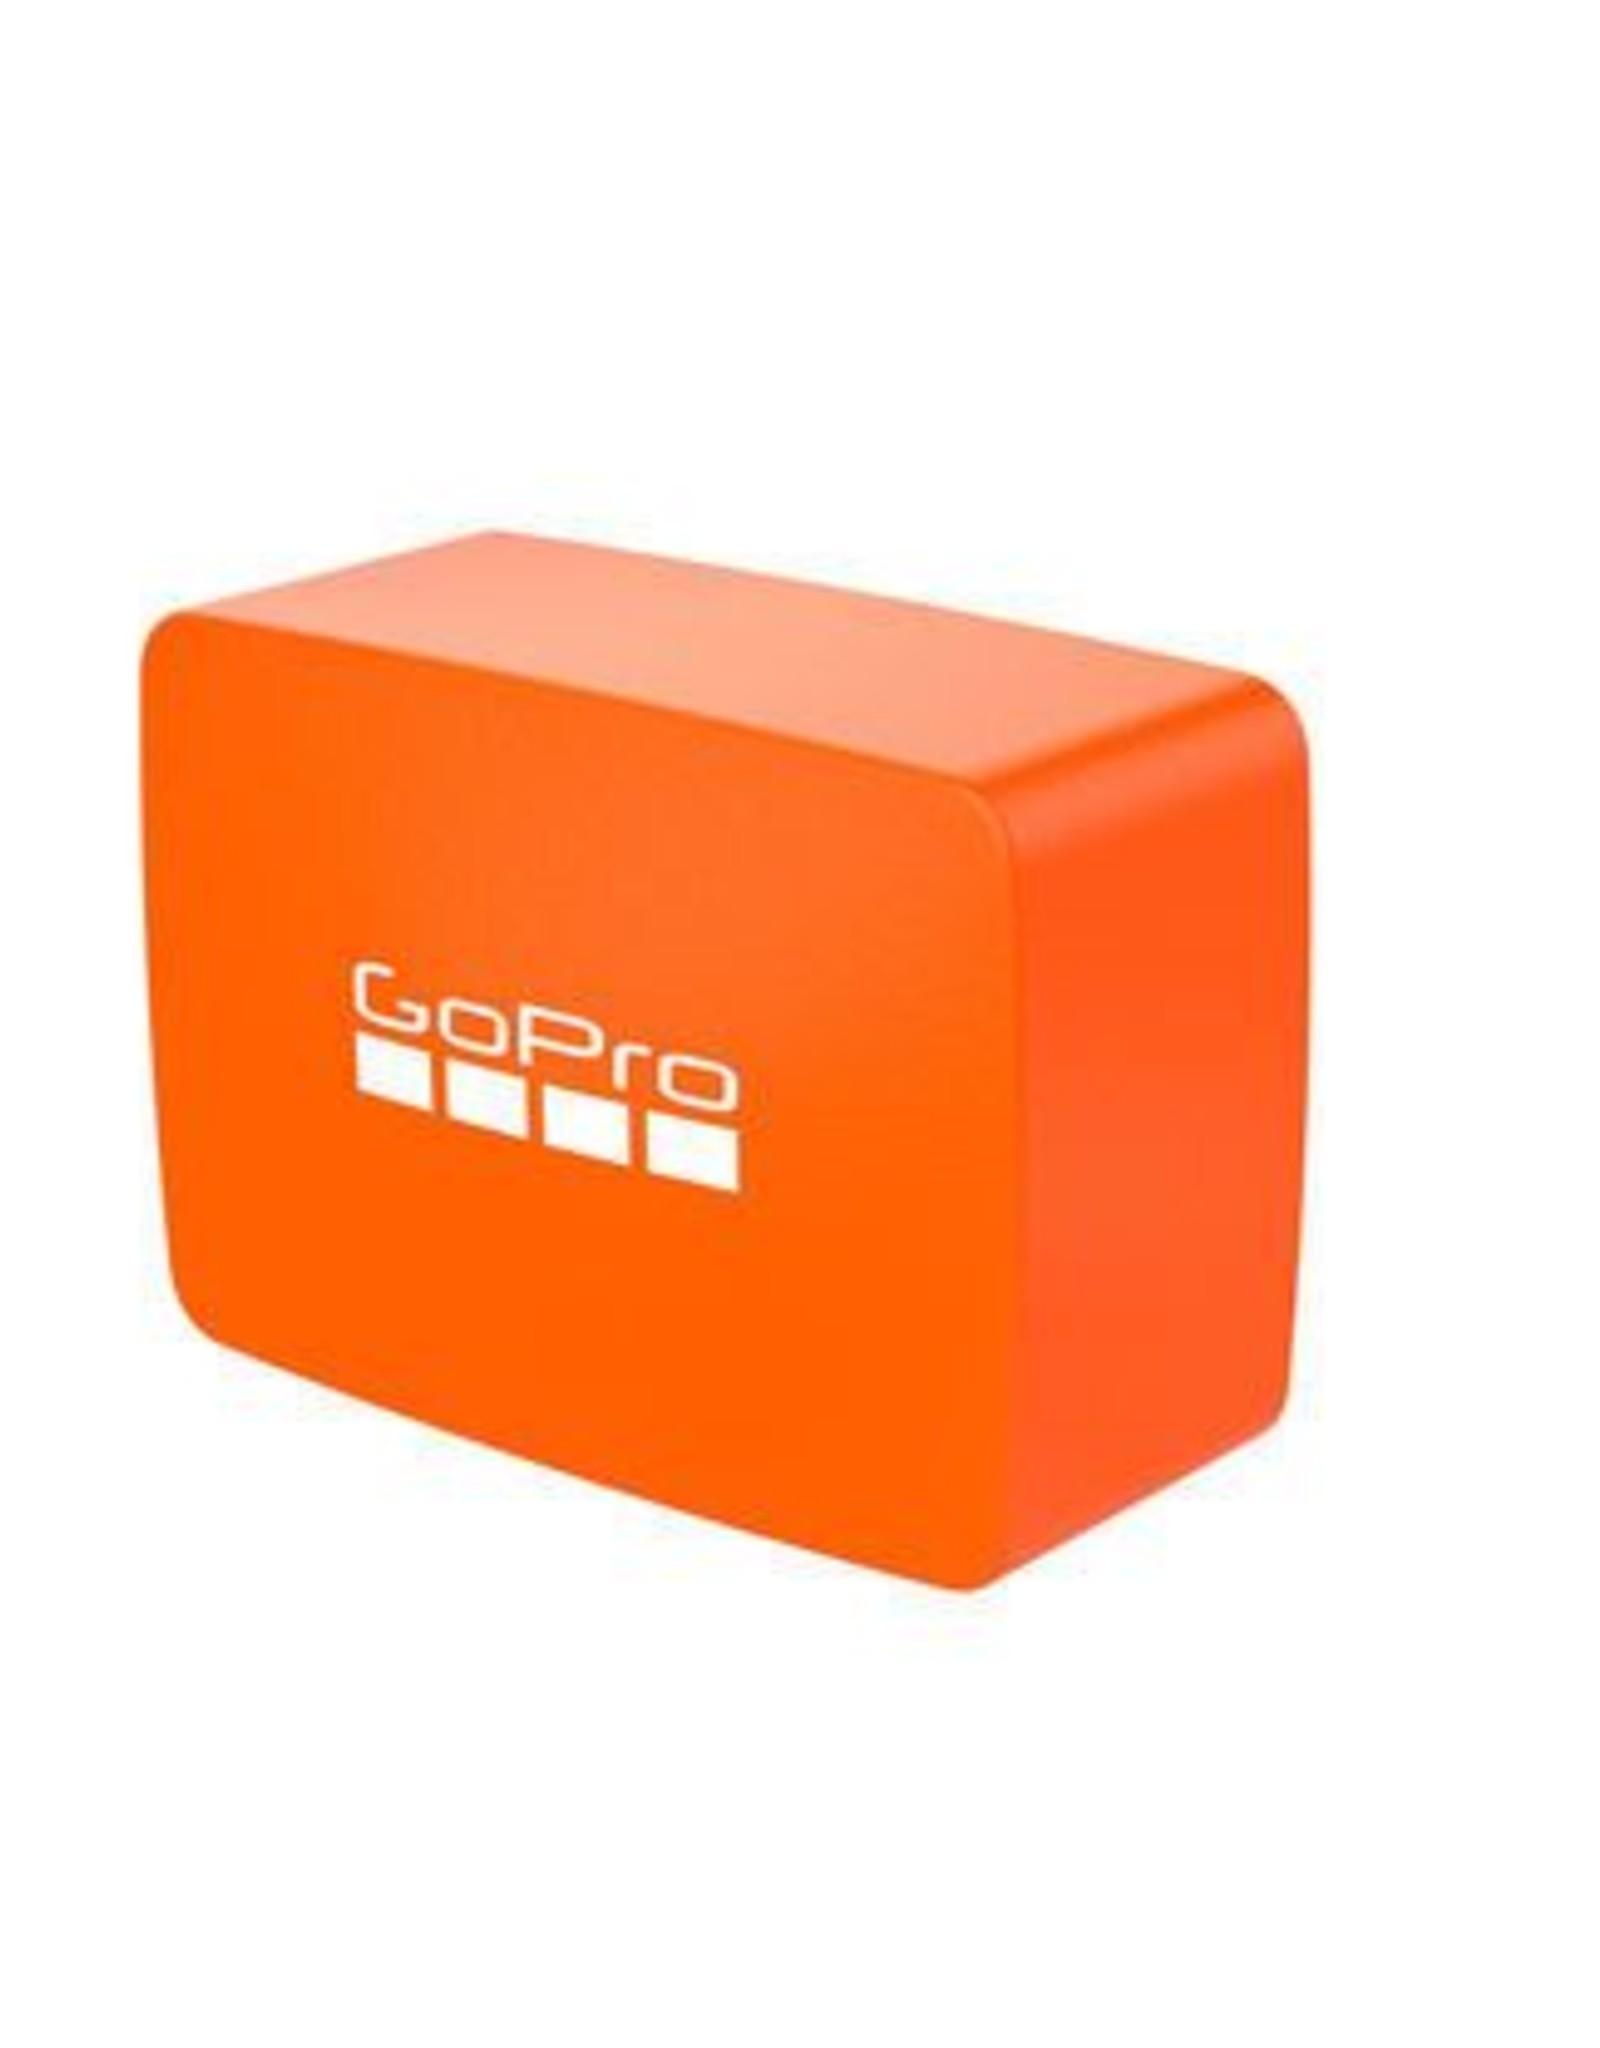 GoPro GoPro - FLOATY (All Models)